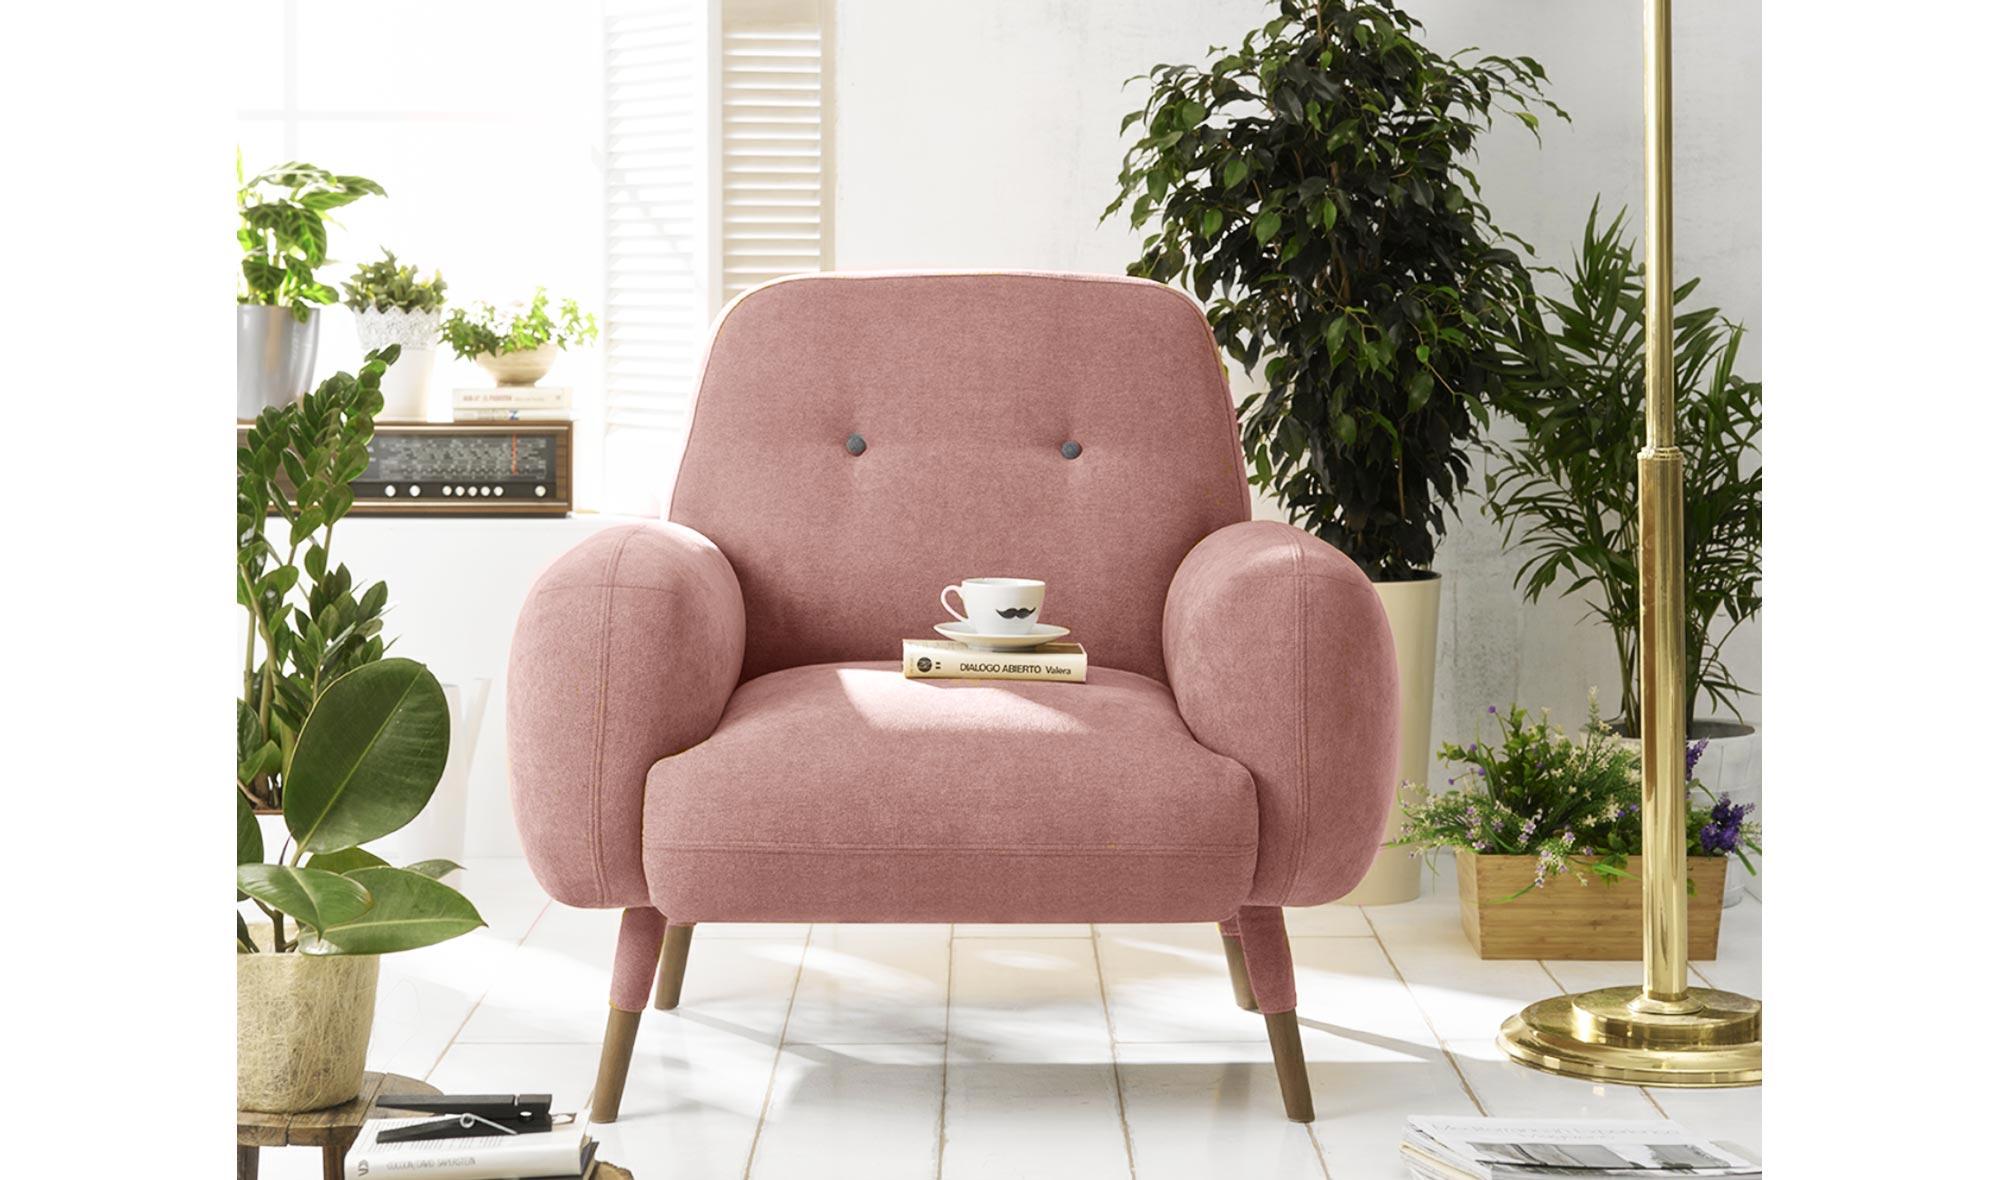 Butaca moderna Kinsey rosa cuarzo de lujo en Portobellodeluxe.com ...